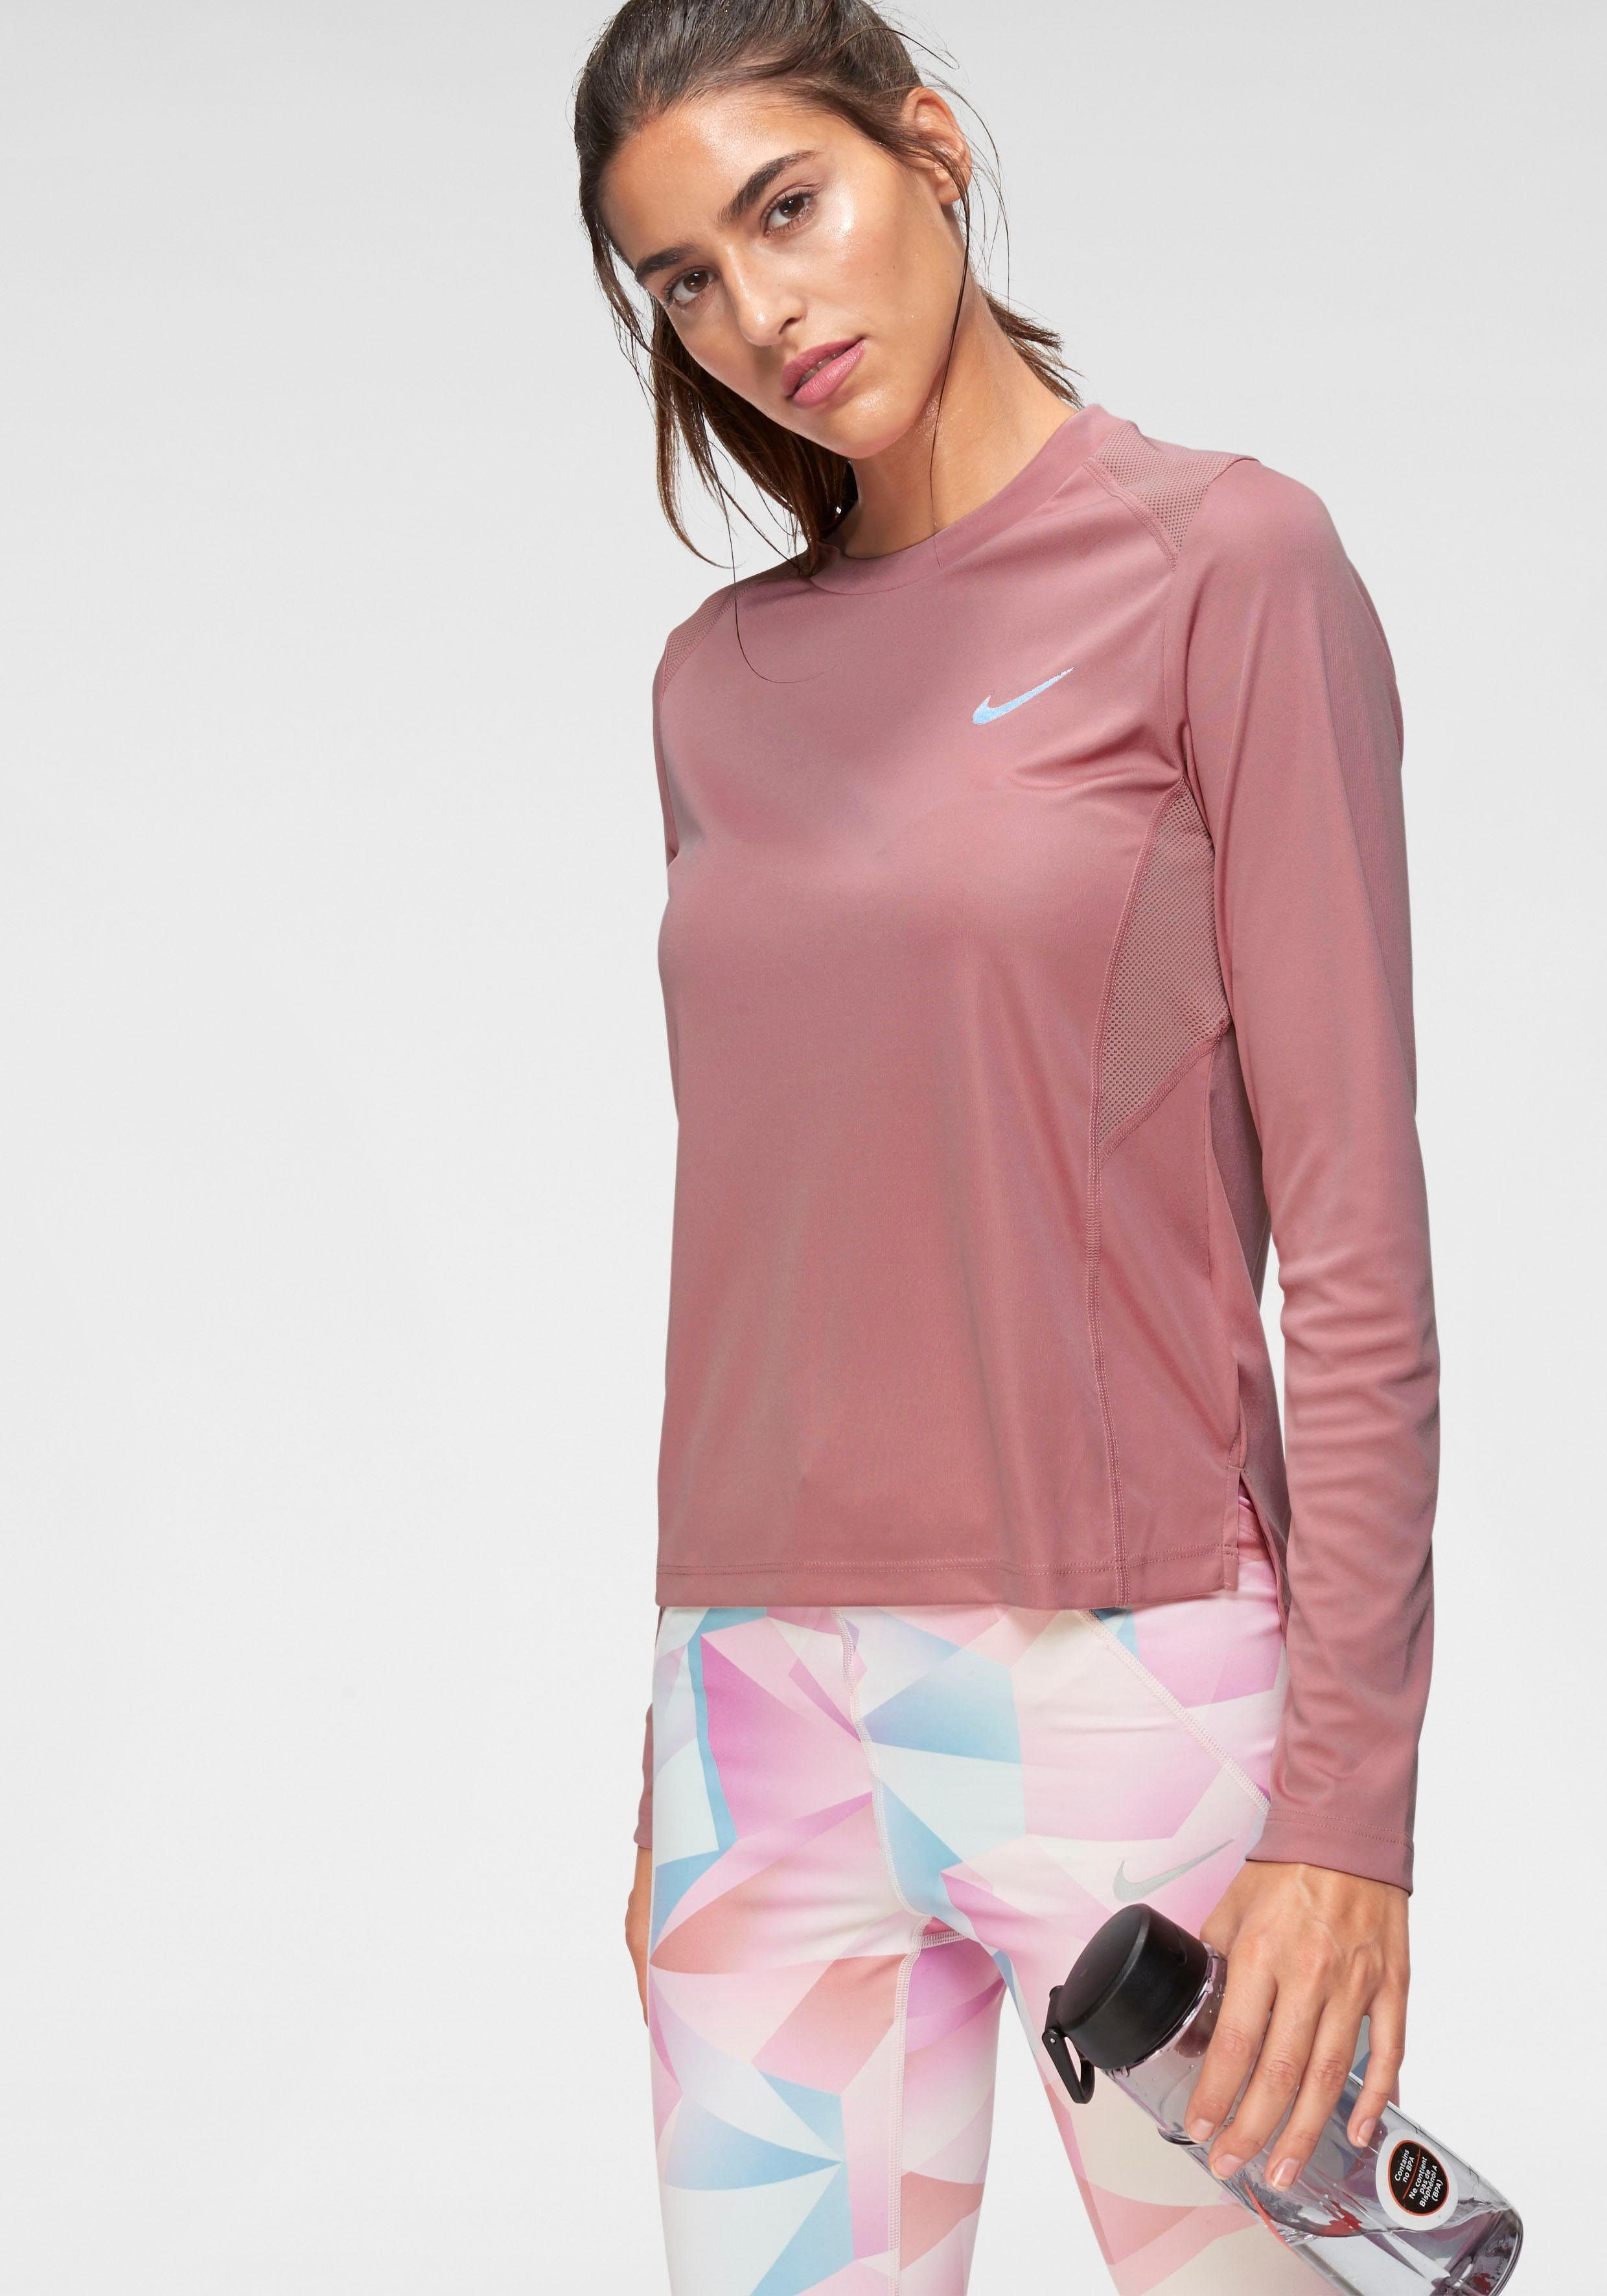 Nike Laufshirt »NIKE DRY MILER RUNNING TOP« kaufen | OTTO